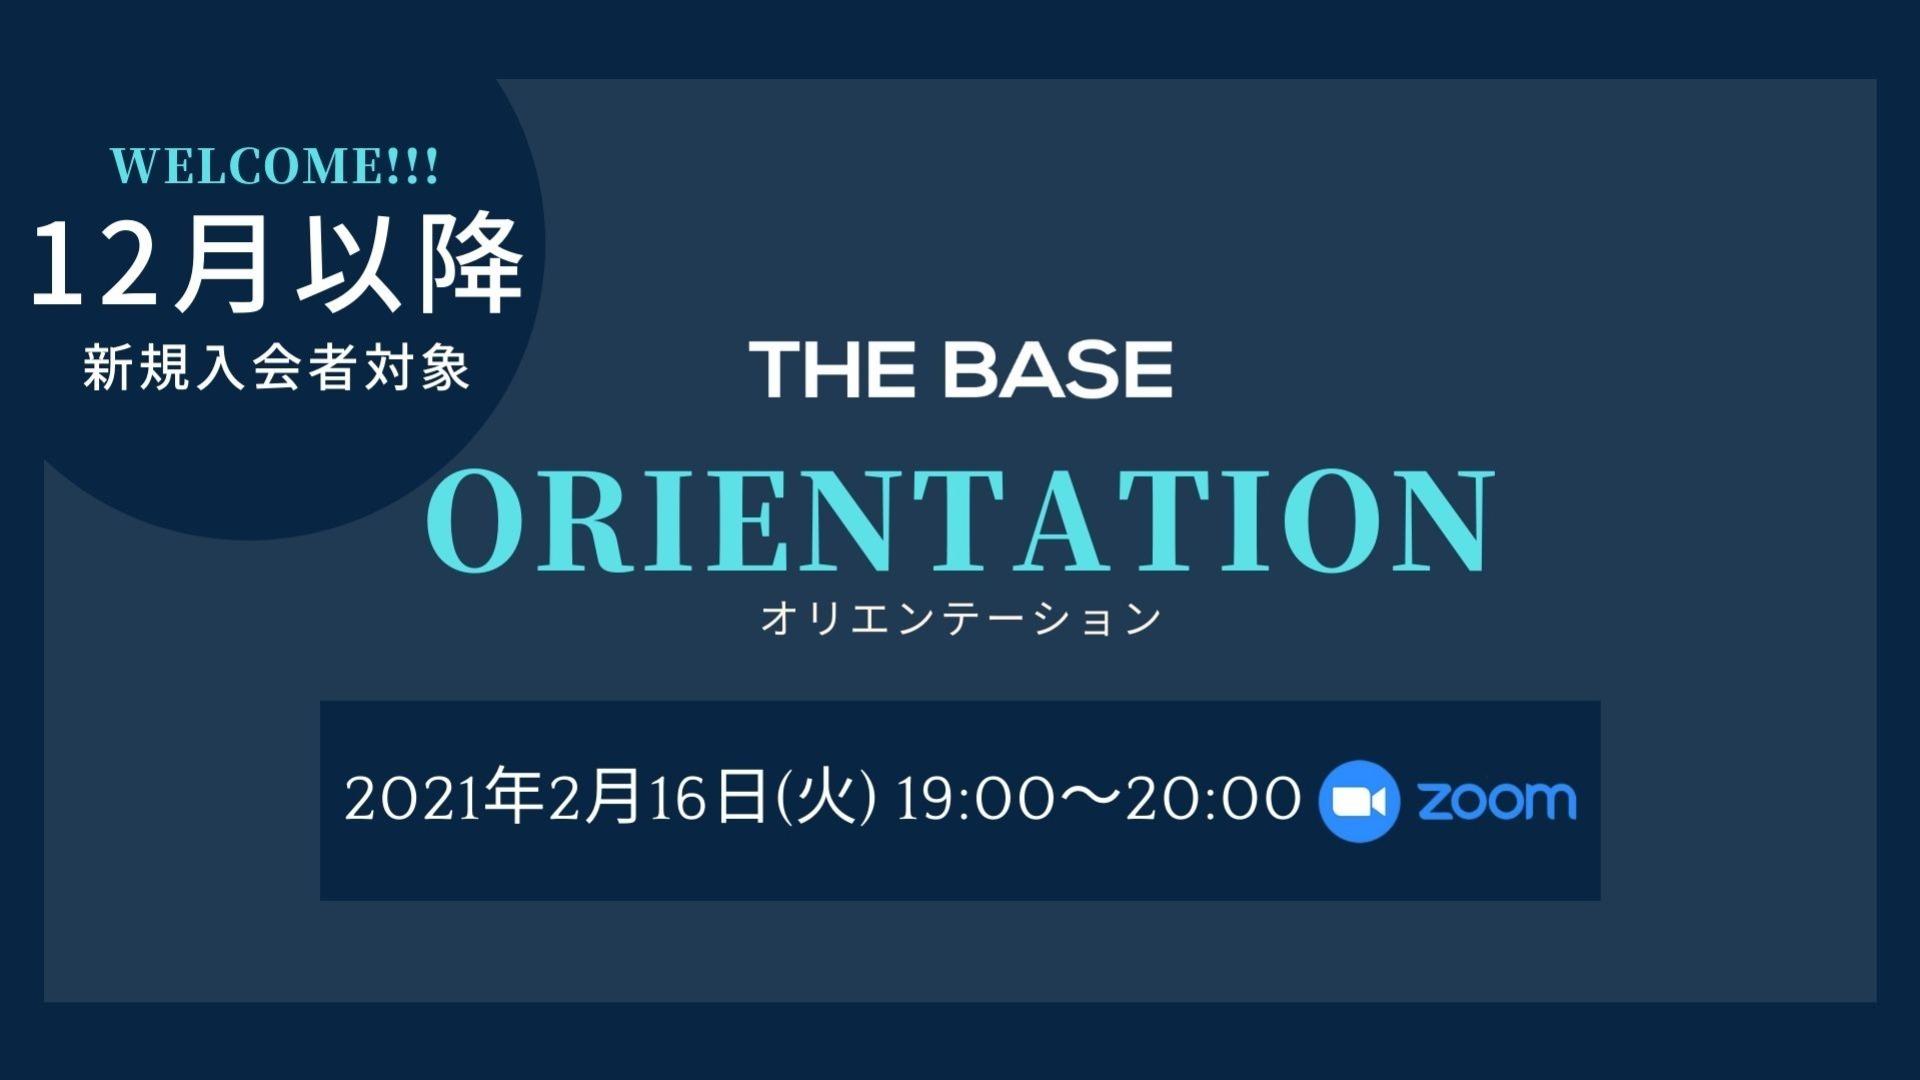 【新規入会者対象】THE BASEオリエンテーション 2月